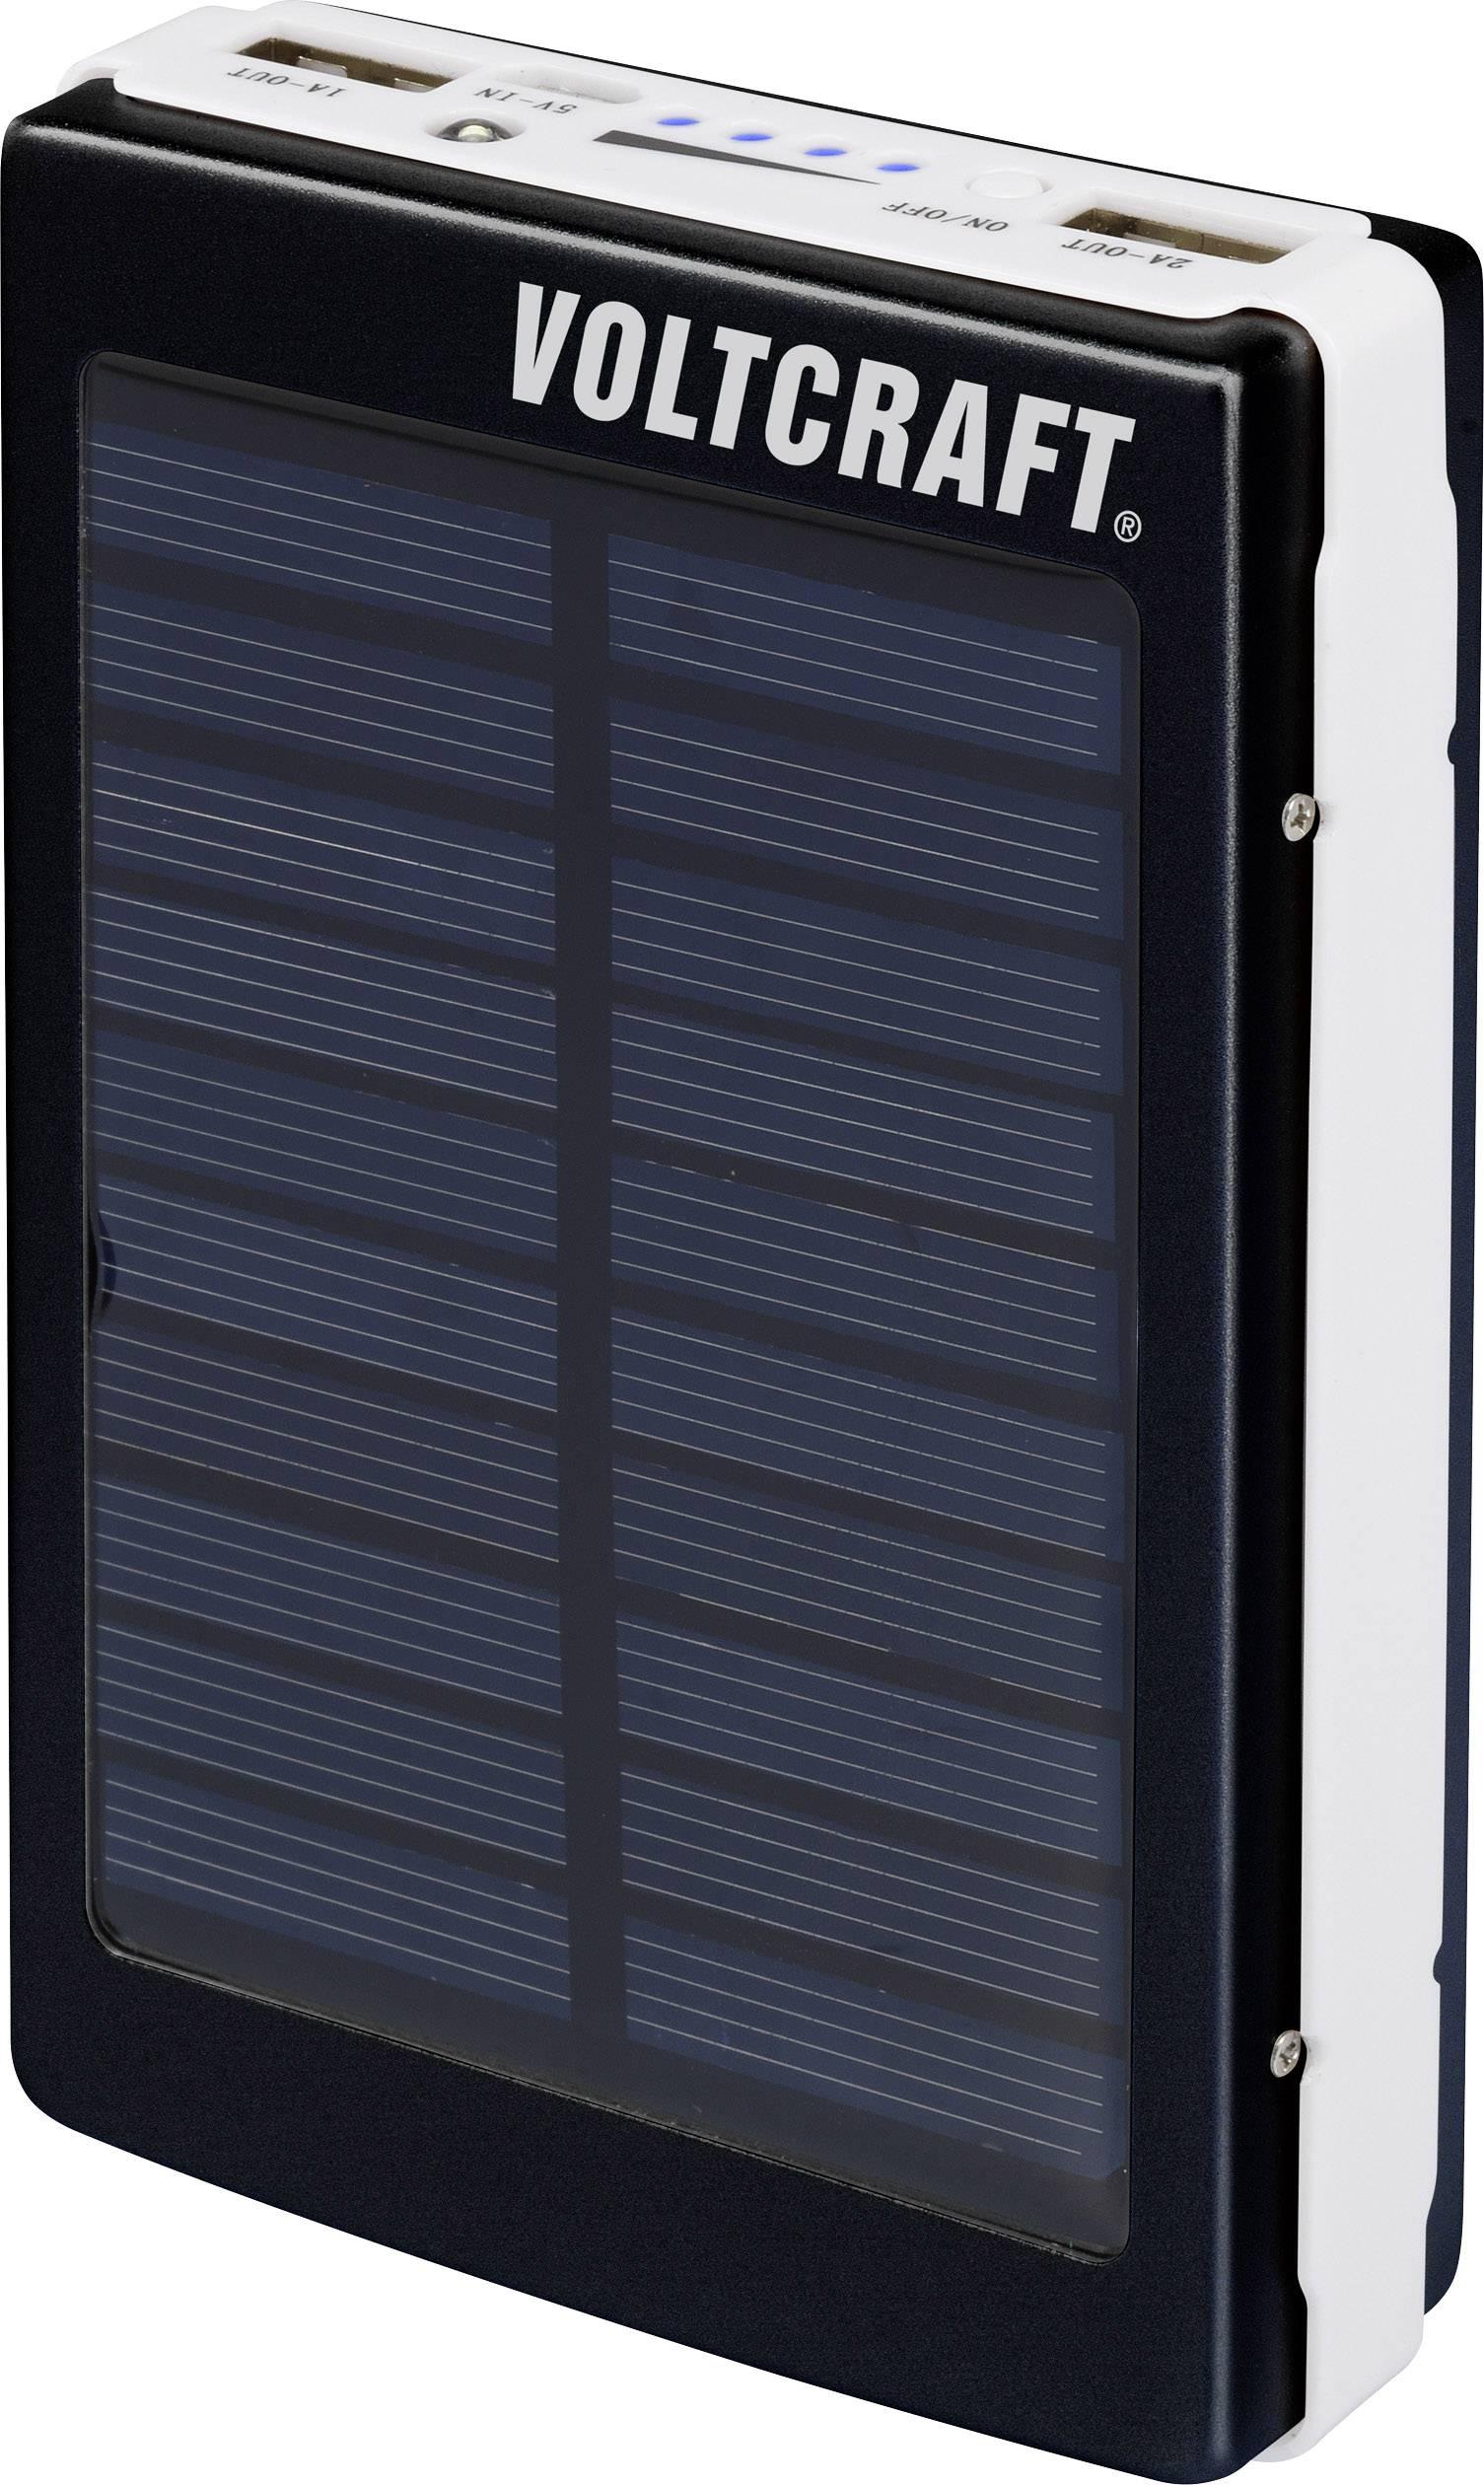 Solárna solárny powerbank s LED svetlom VOLTCRAFT PB-21, 13000 mAh, čiernobiela